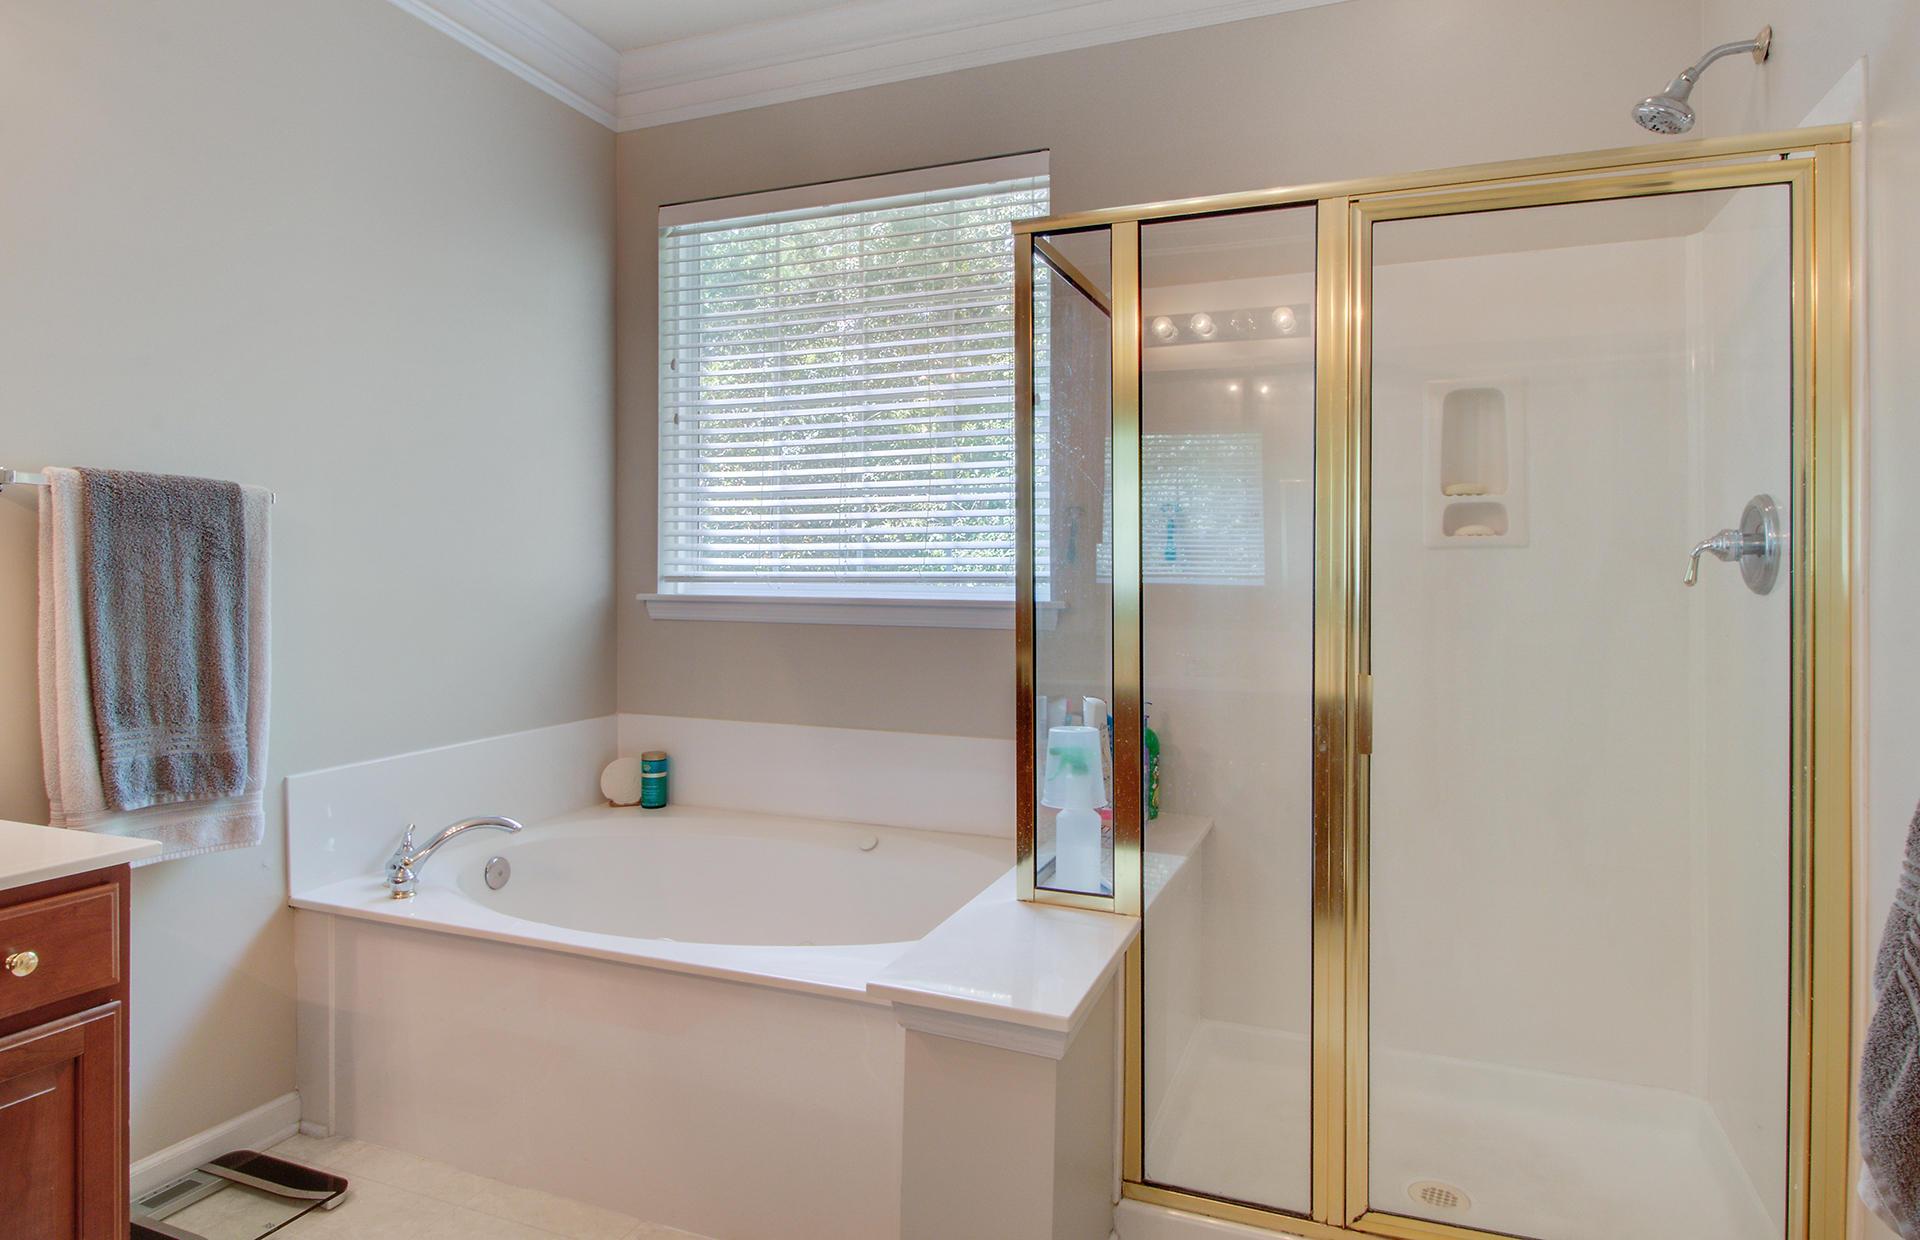 Park West Homes For Sale - 2500 Draymohr, Mount Pleasant, SC - 8